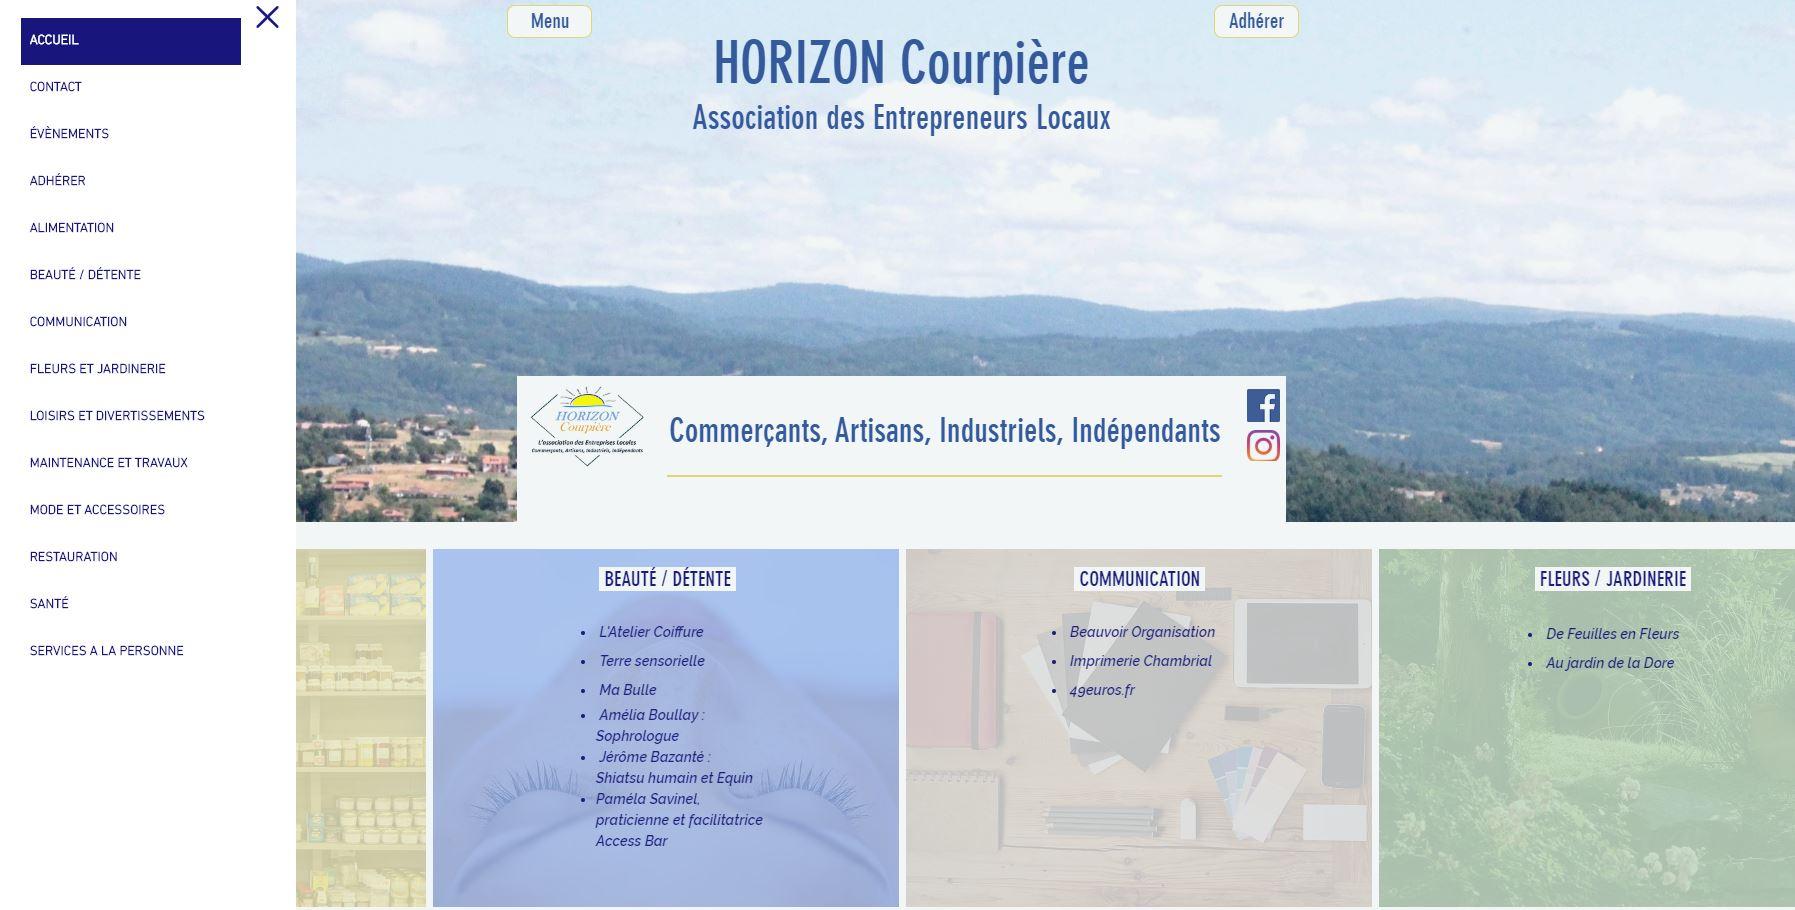 www.courpiere.info